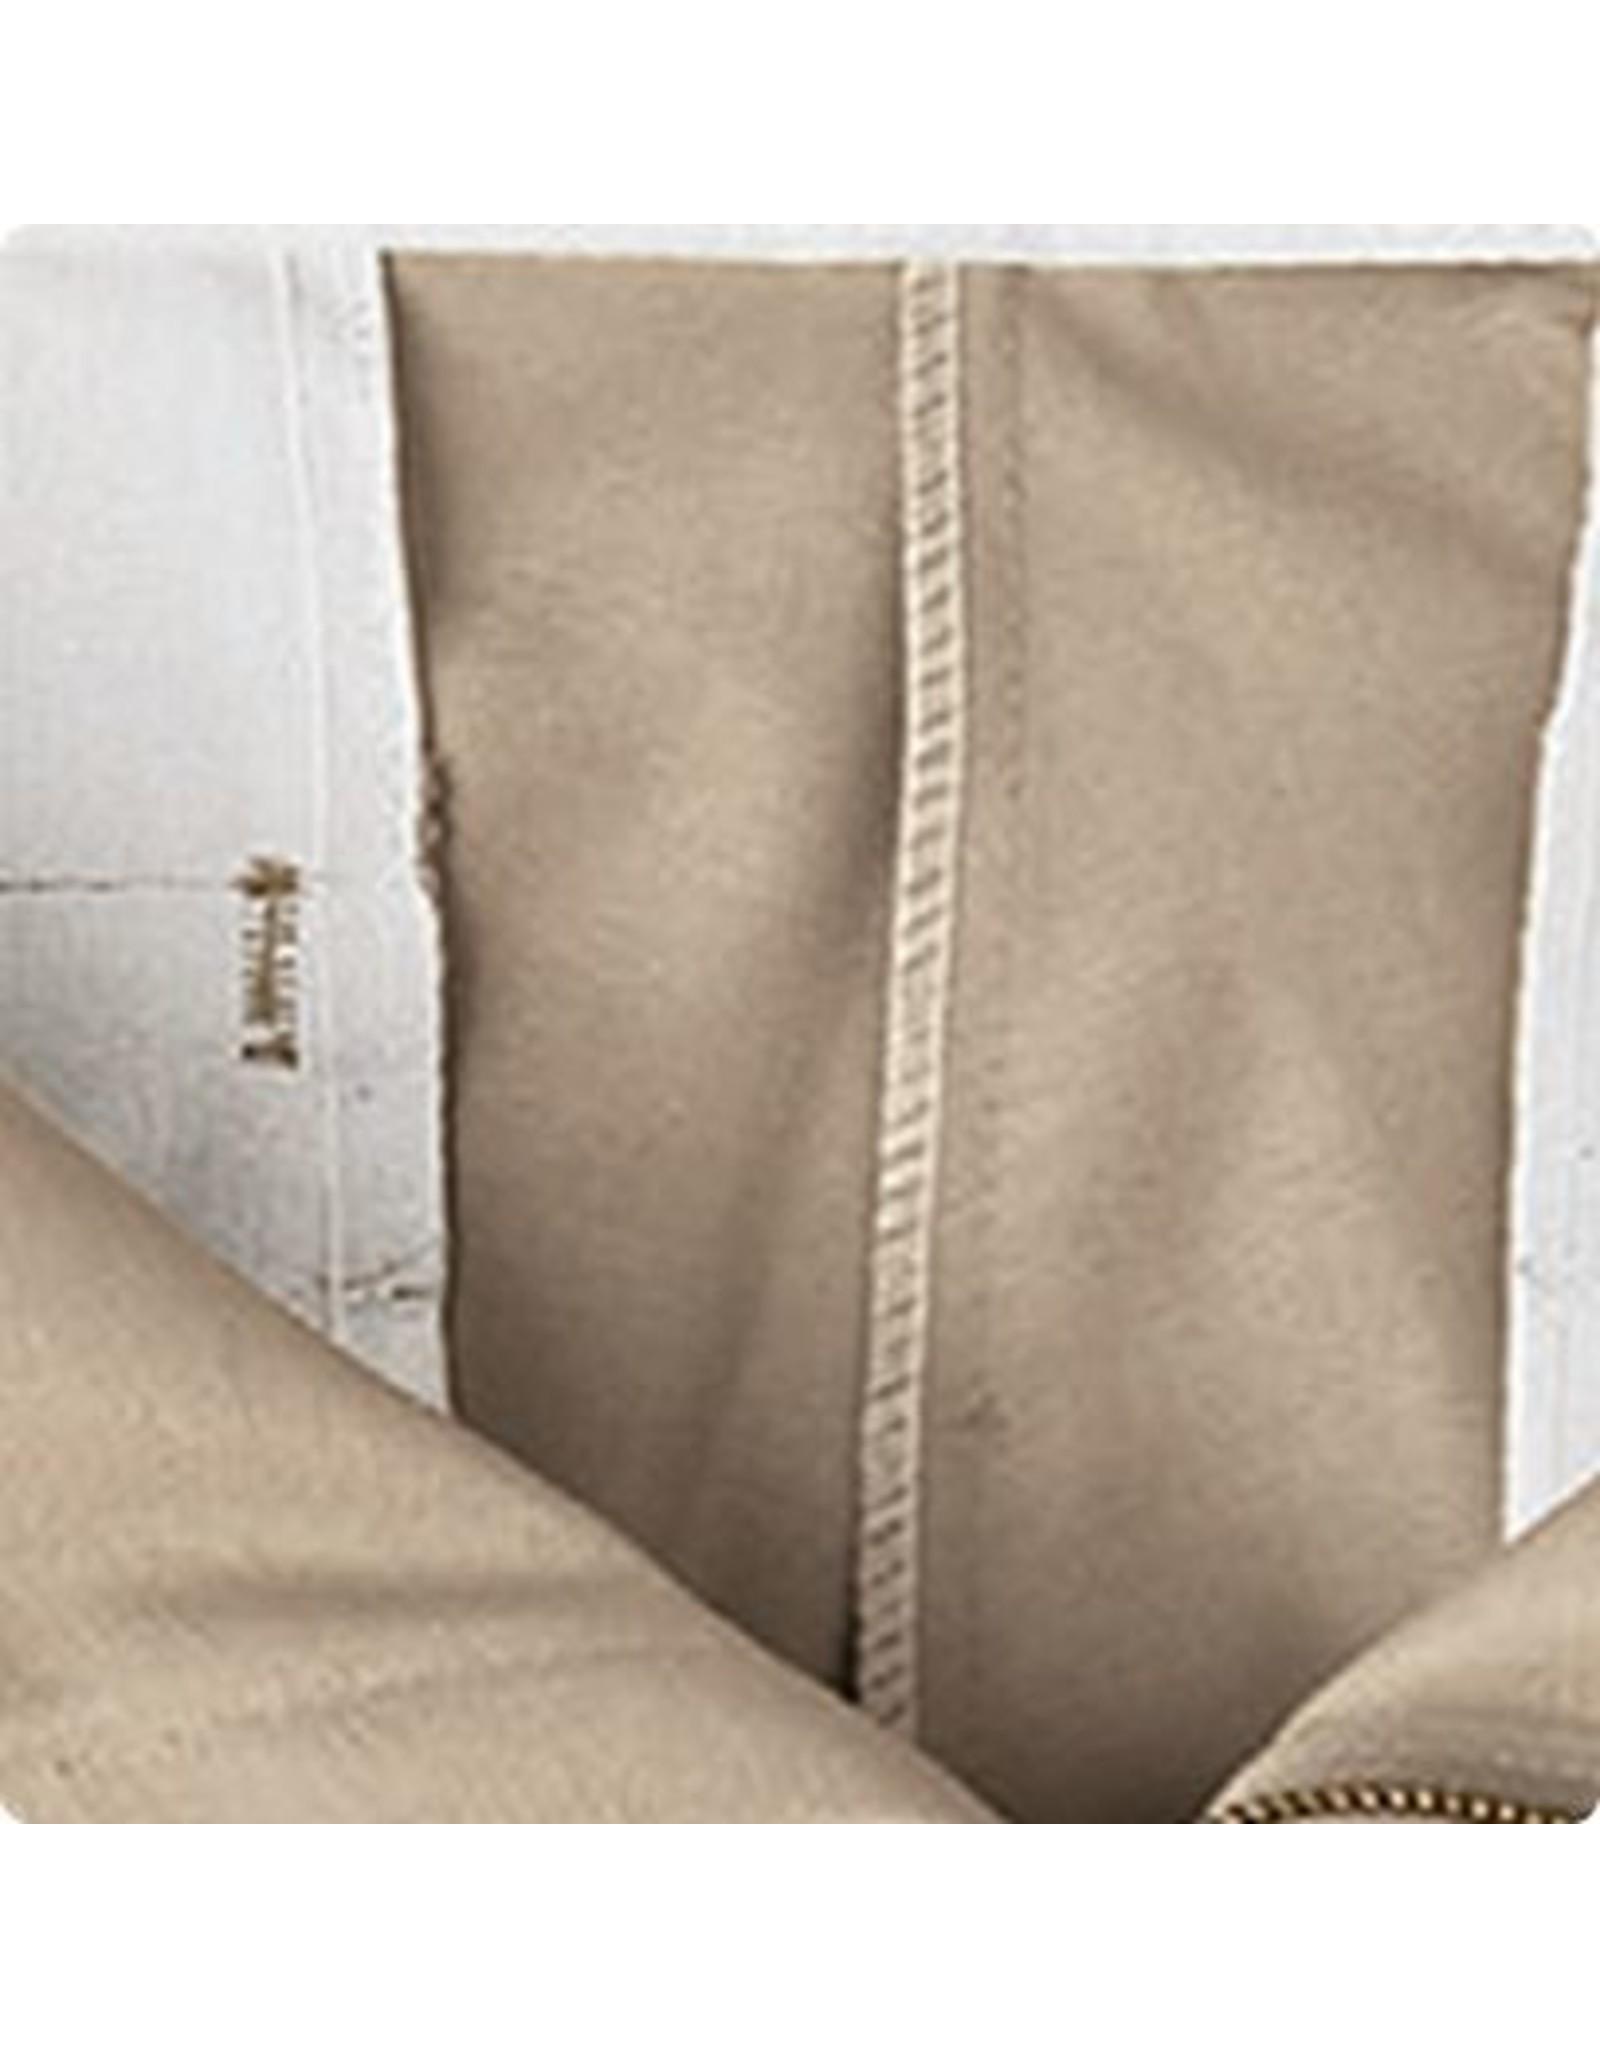 DICKIES SKATE PANTS DICKIES - 874 ORIGINAL FIT - NAVY -